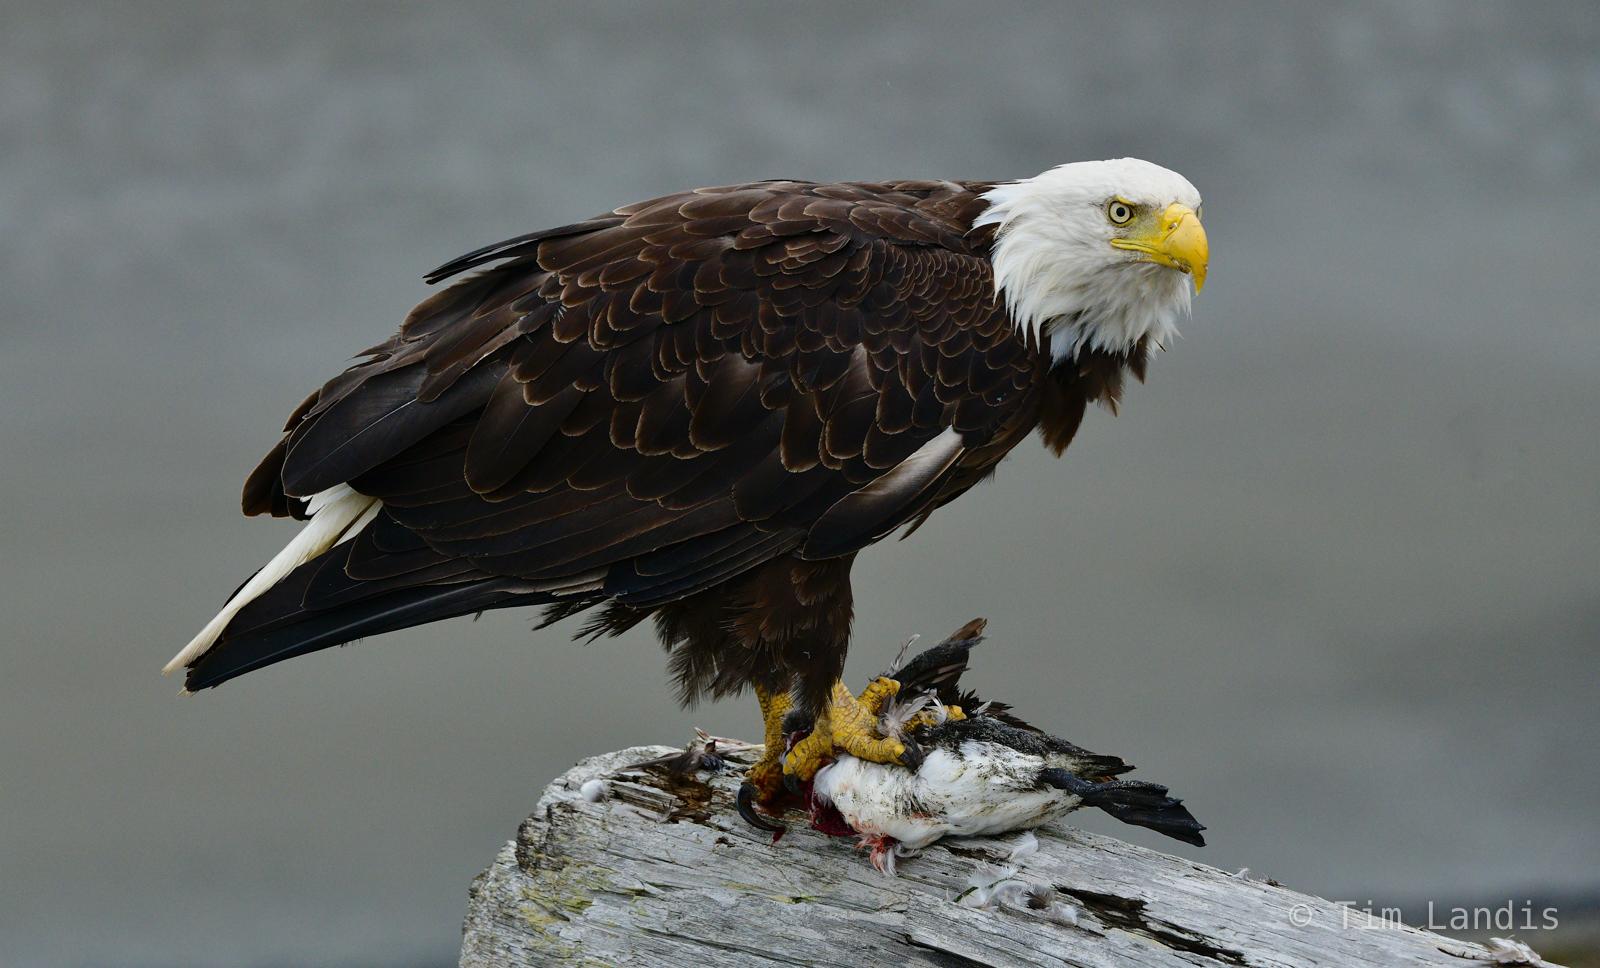 Bald Eagle with Duck, Bald eagle, Eagle with Kill, photo